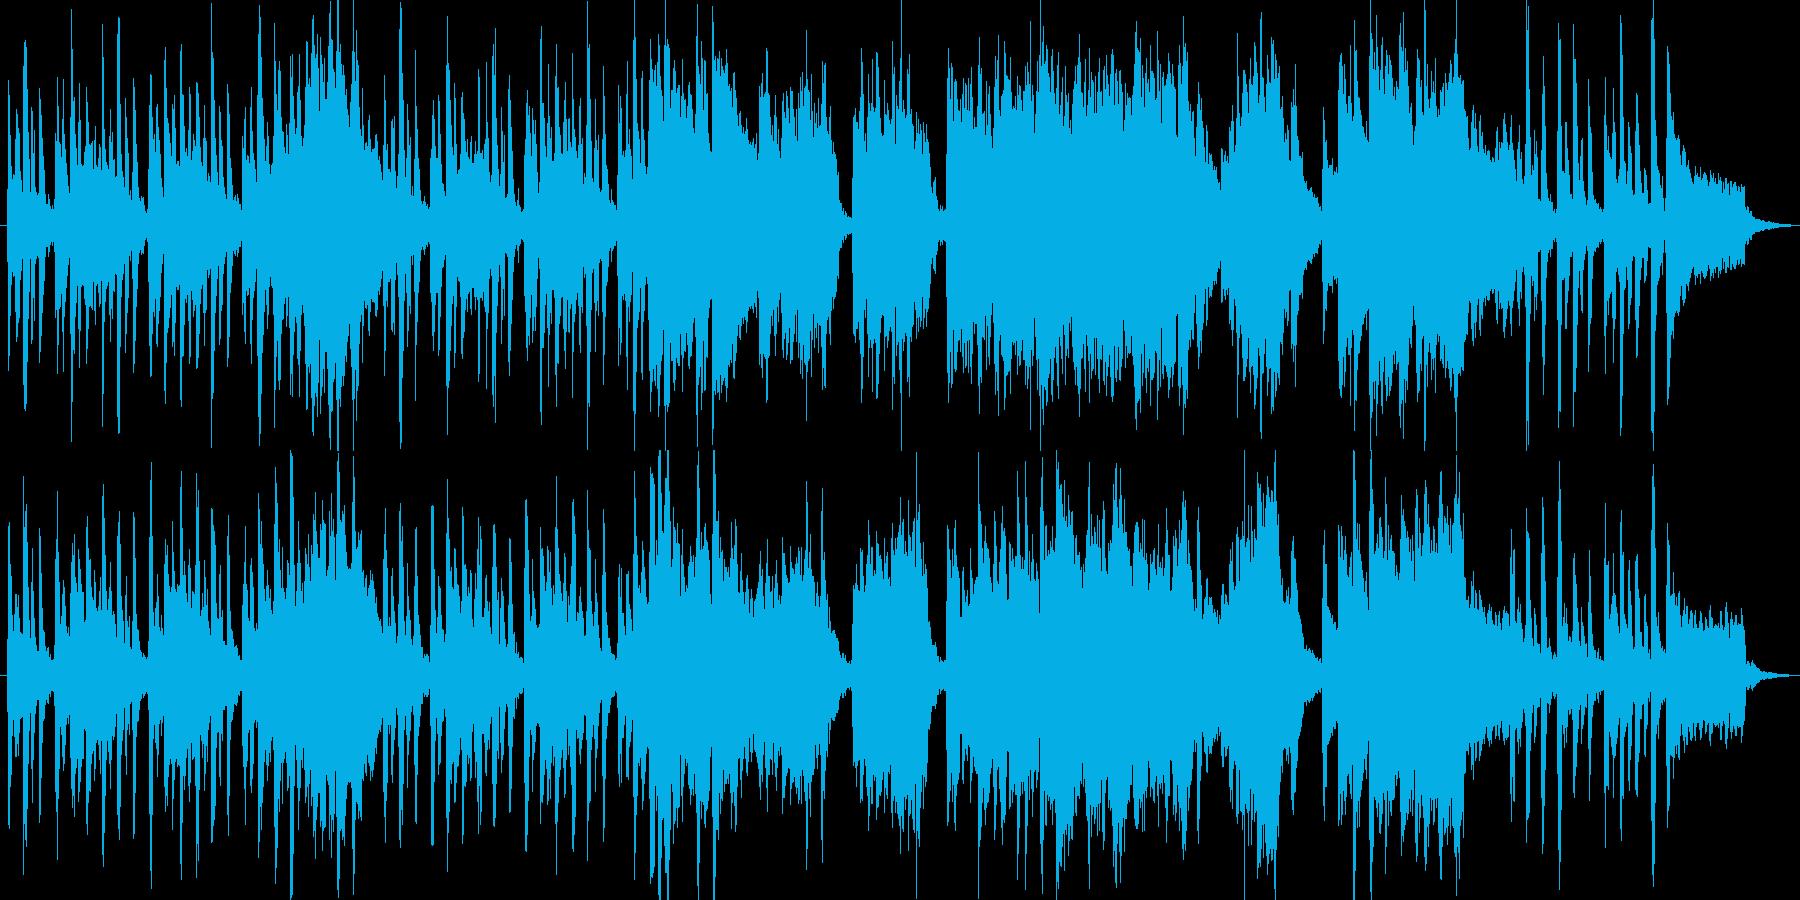 のんびりほのぼのかわいいアコースティックの再生済みの波形